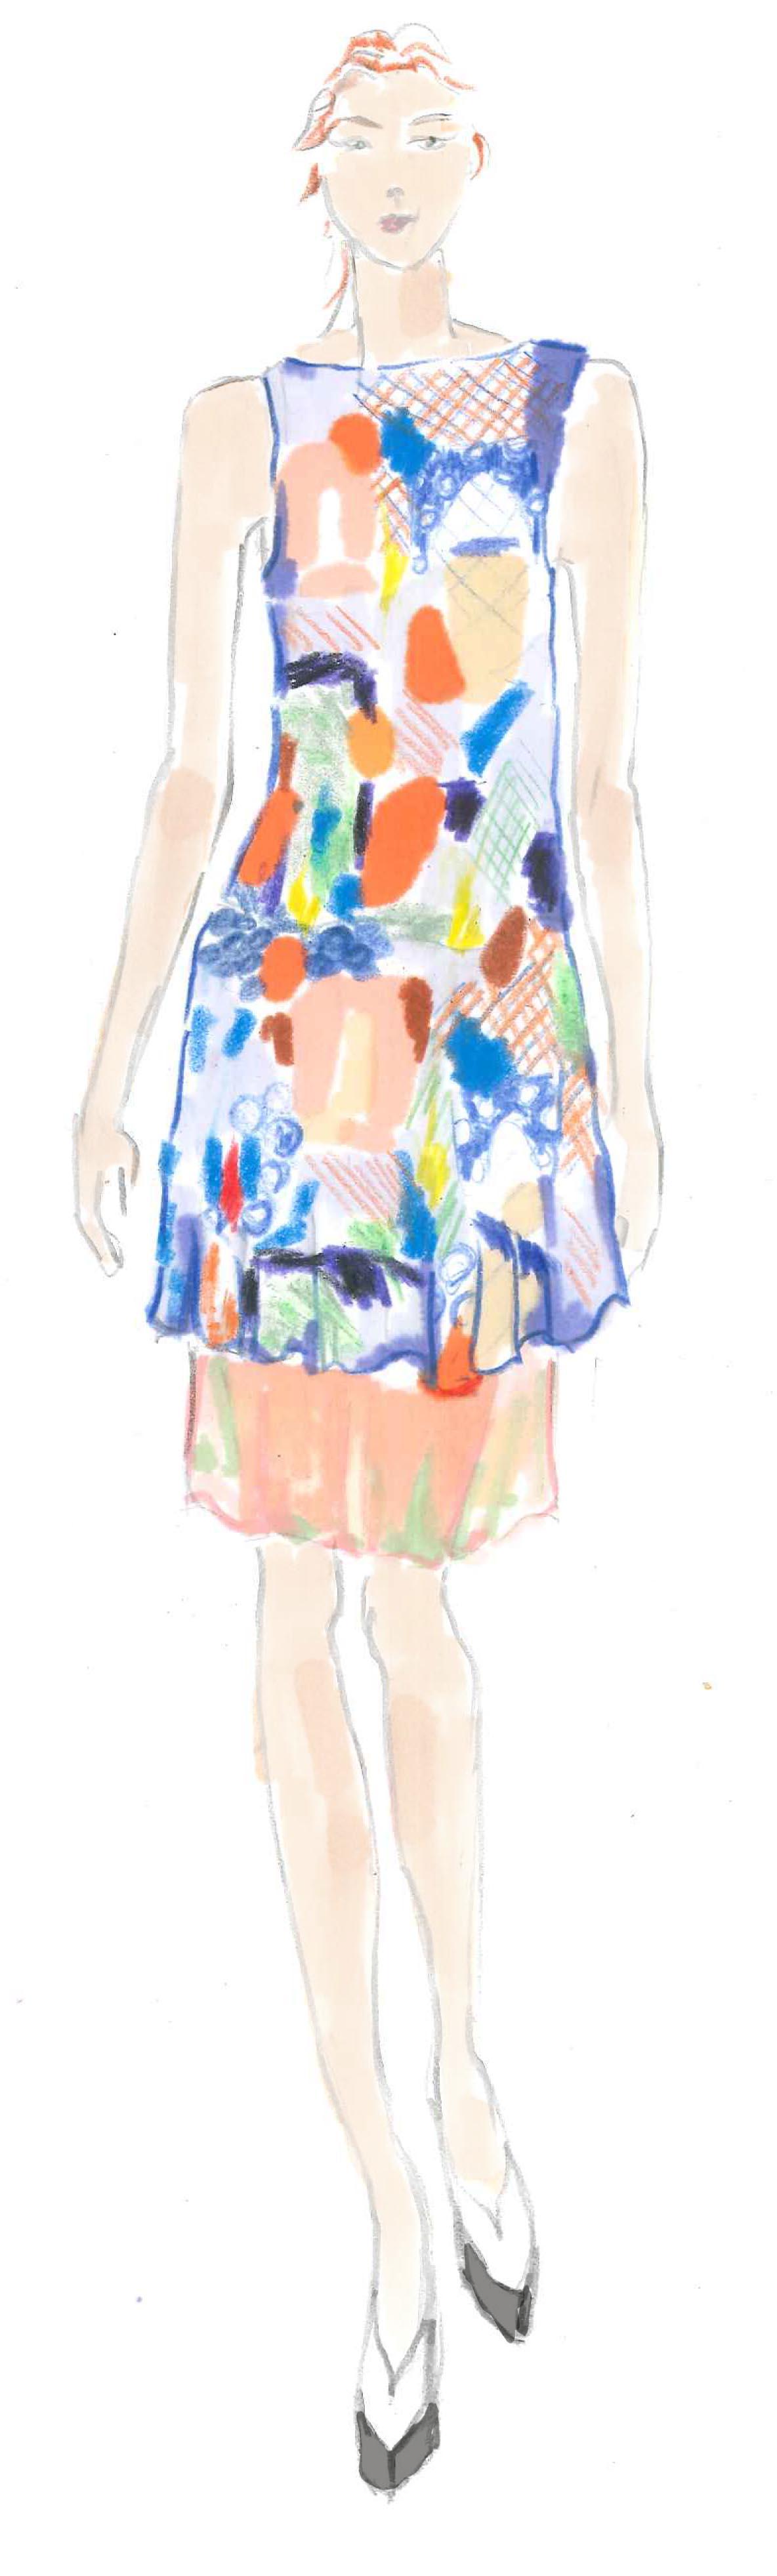 printed_dress.jpg